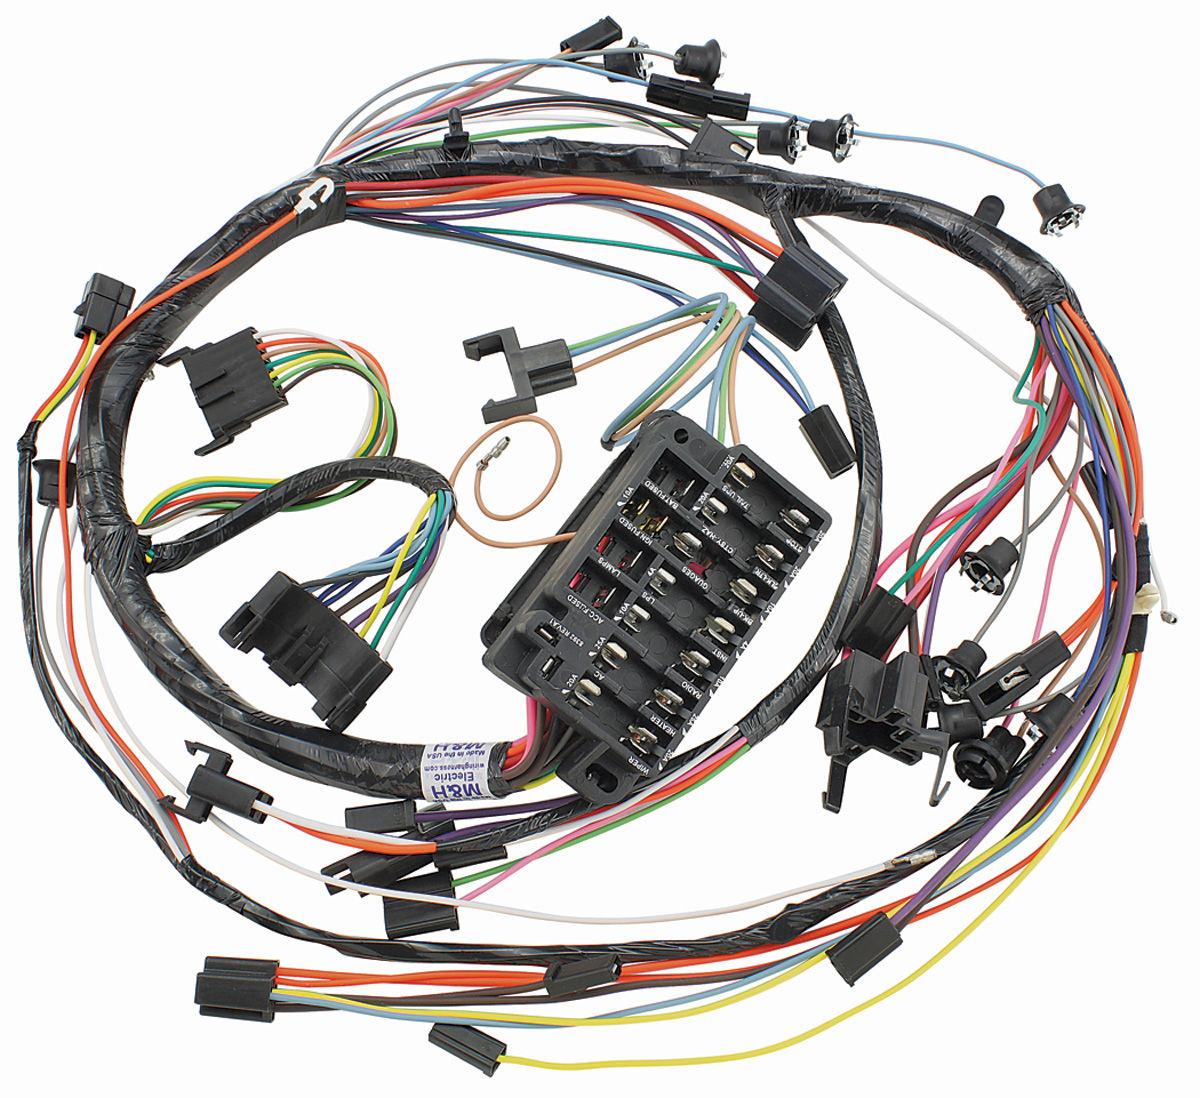 CC_1295 Chevelle Wiring Diagram Likewise 1967 Chevelle Dash Wiring Diagram  Schematic Wiring [ 1098 x 1200 Pixel ]